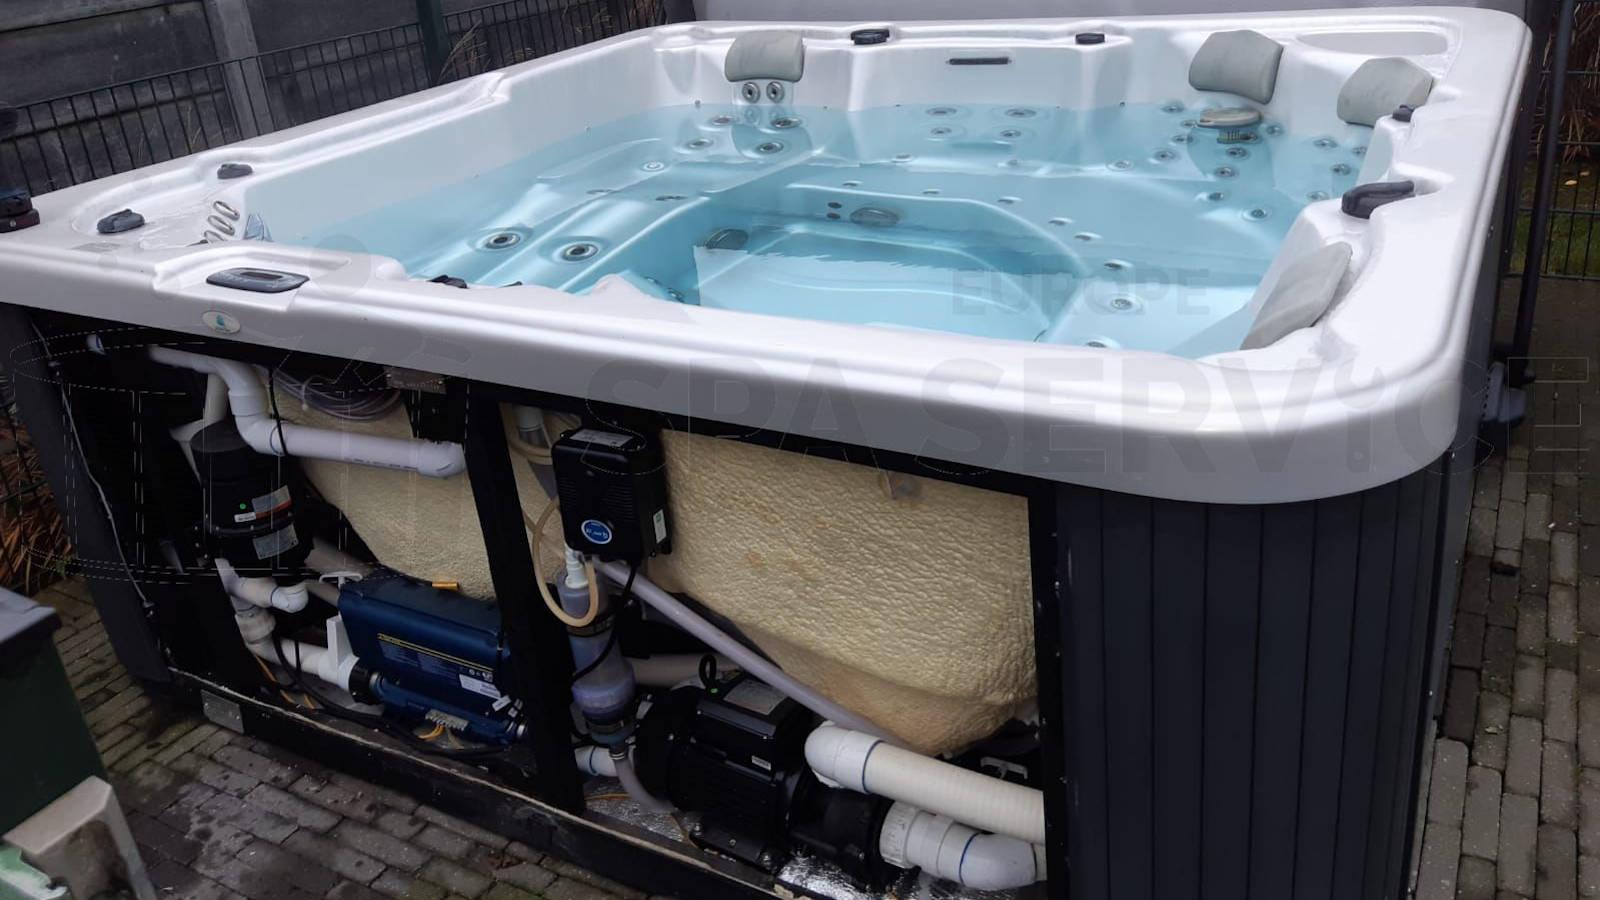 Algemeen onderhoud en ozonator vervangen van een Allseas spa in Minderhout België